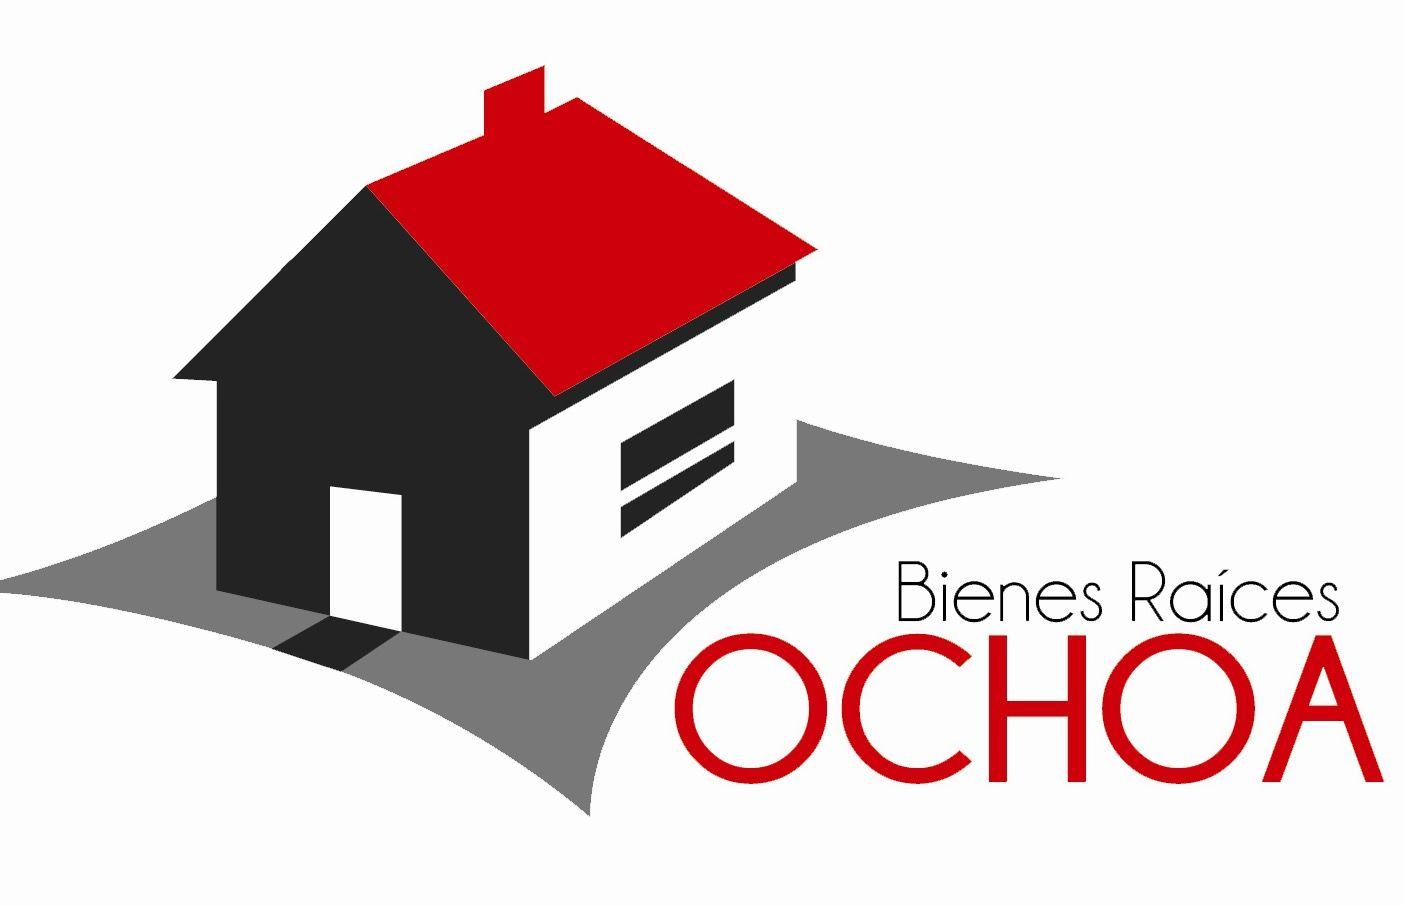 Logo de  Karen Ochoa